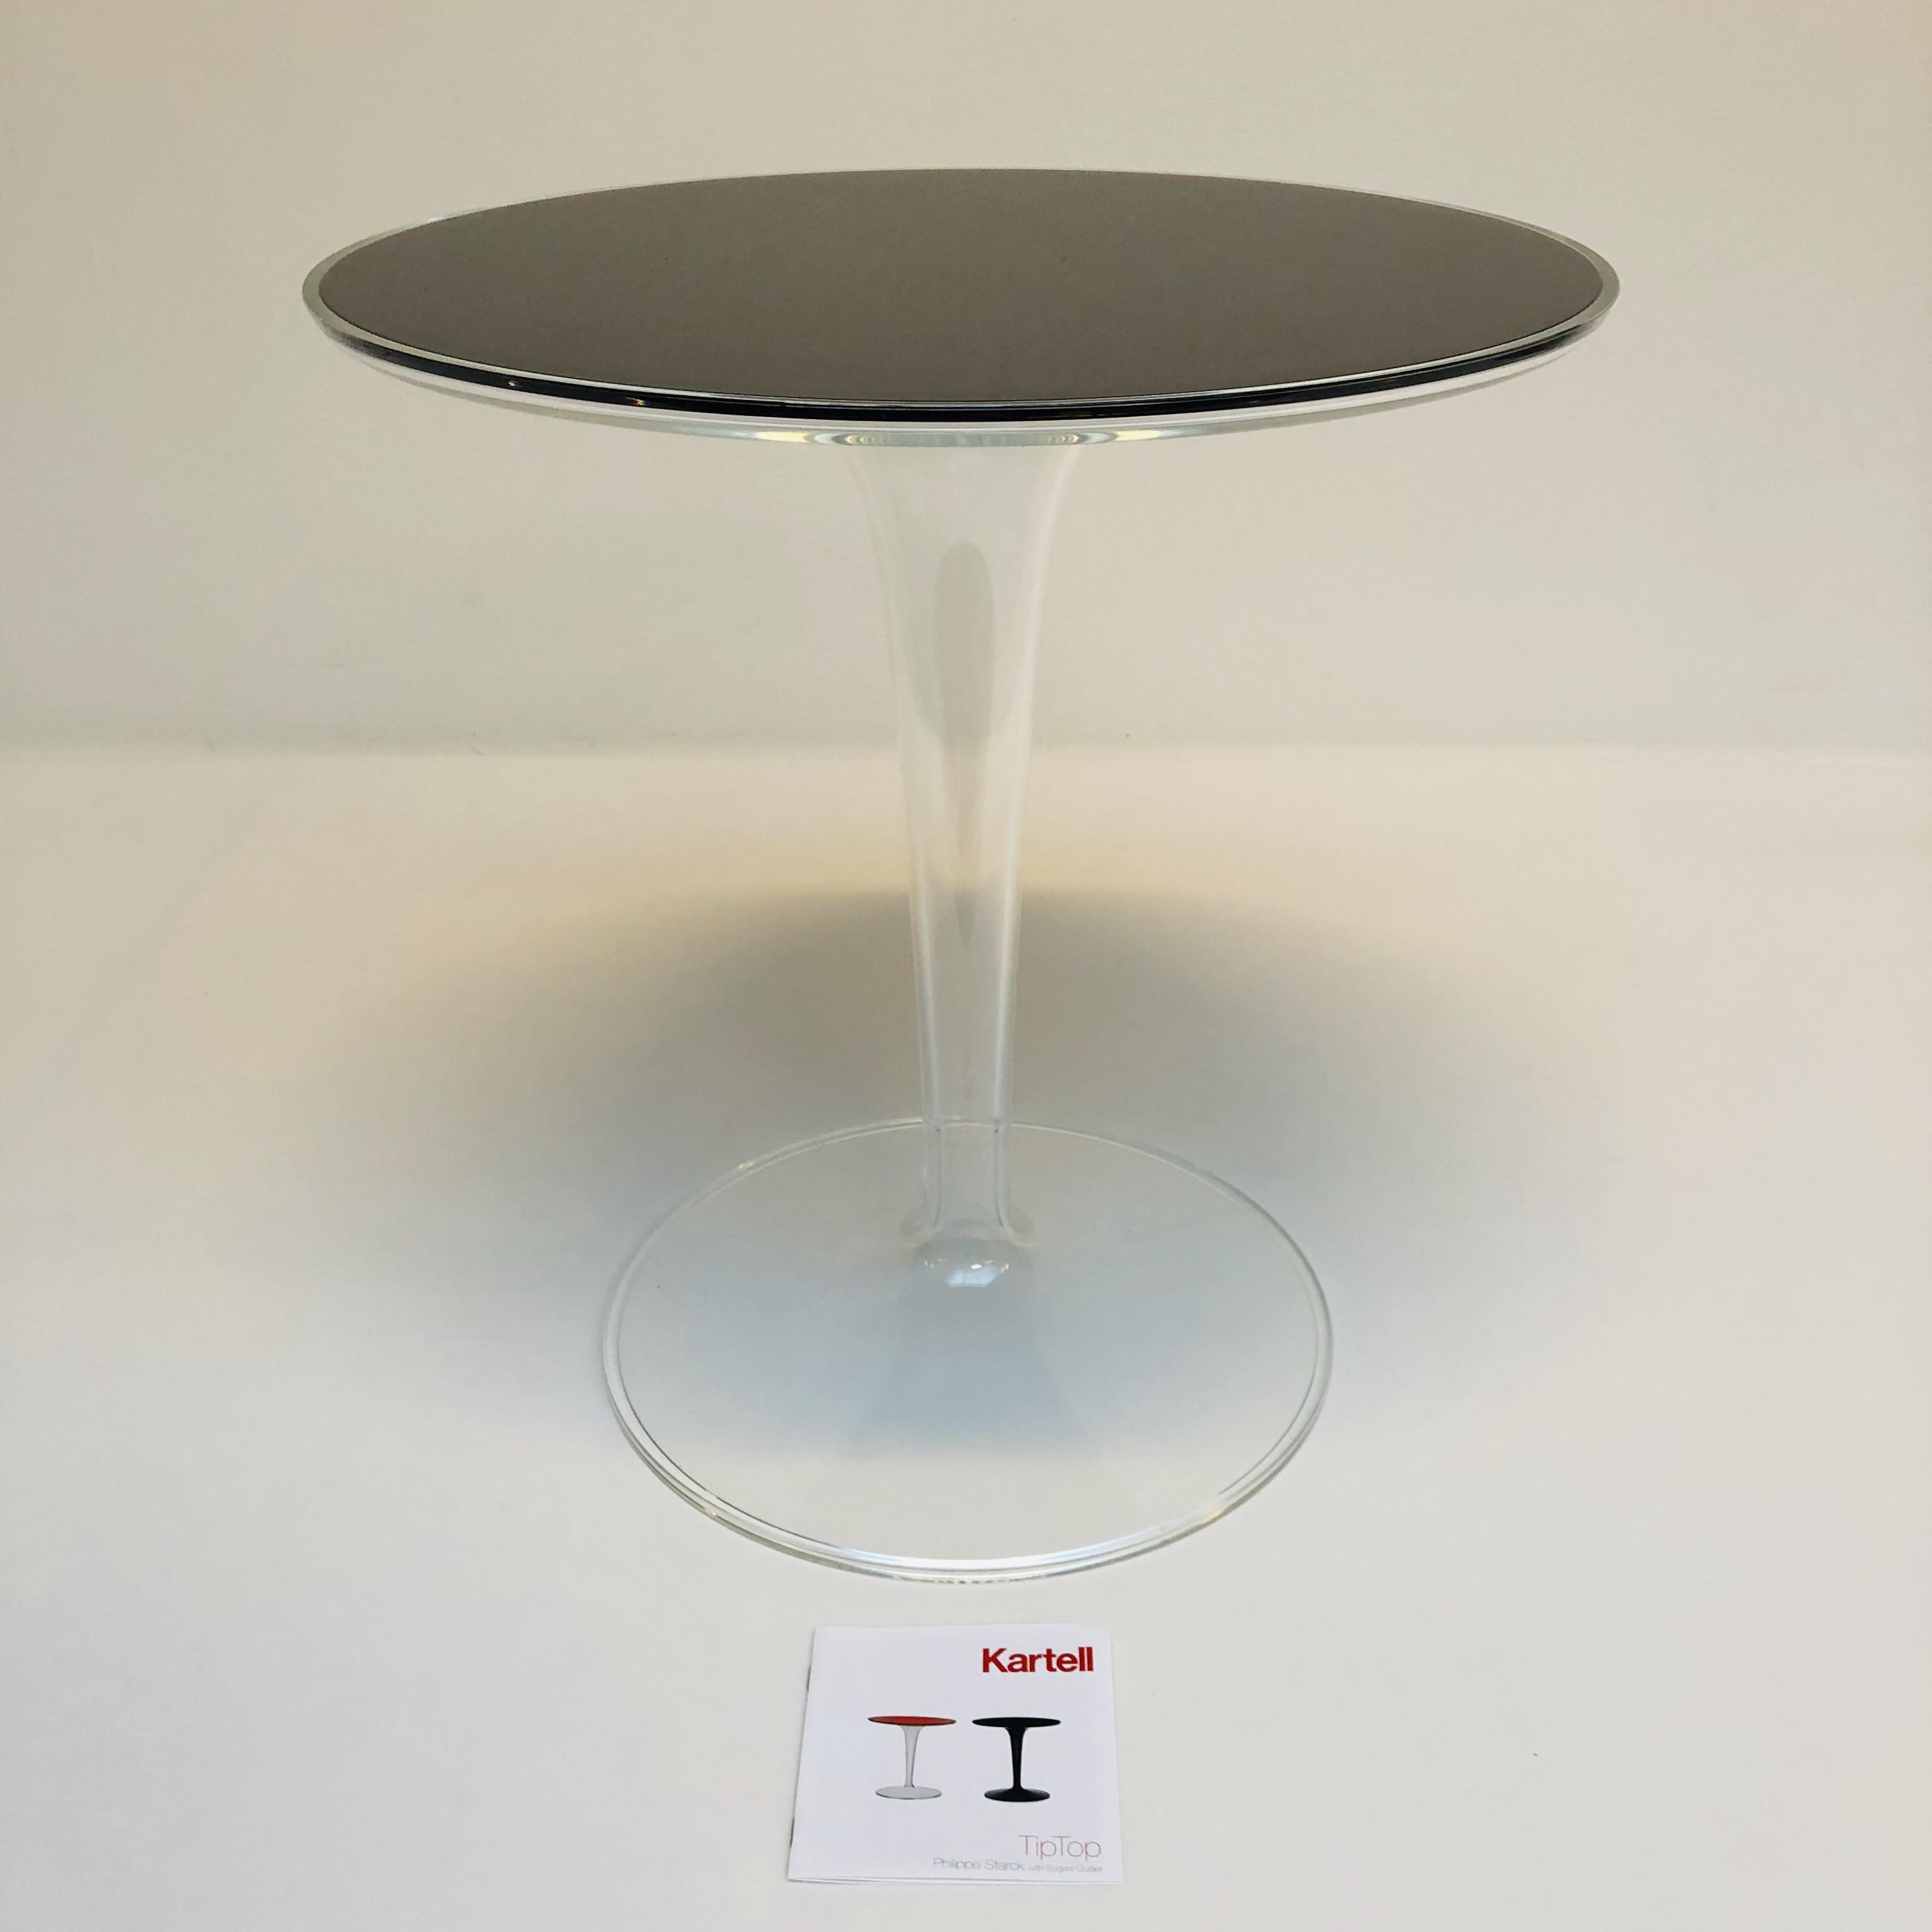 Design Bijzettafel Kartell.Tiptop Bijzettafel Van Philippe Starck Voor Kartell